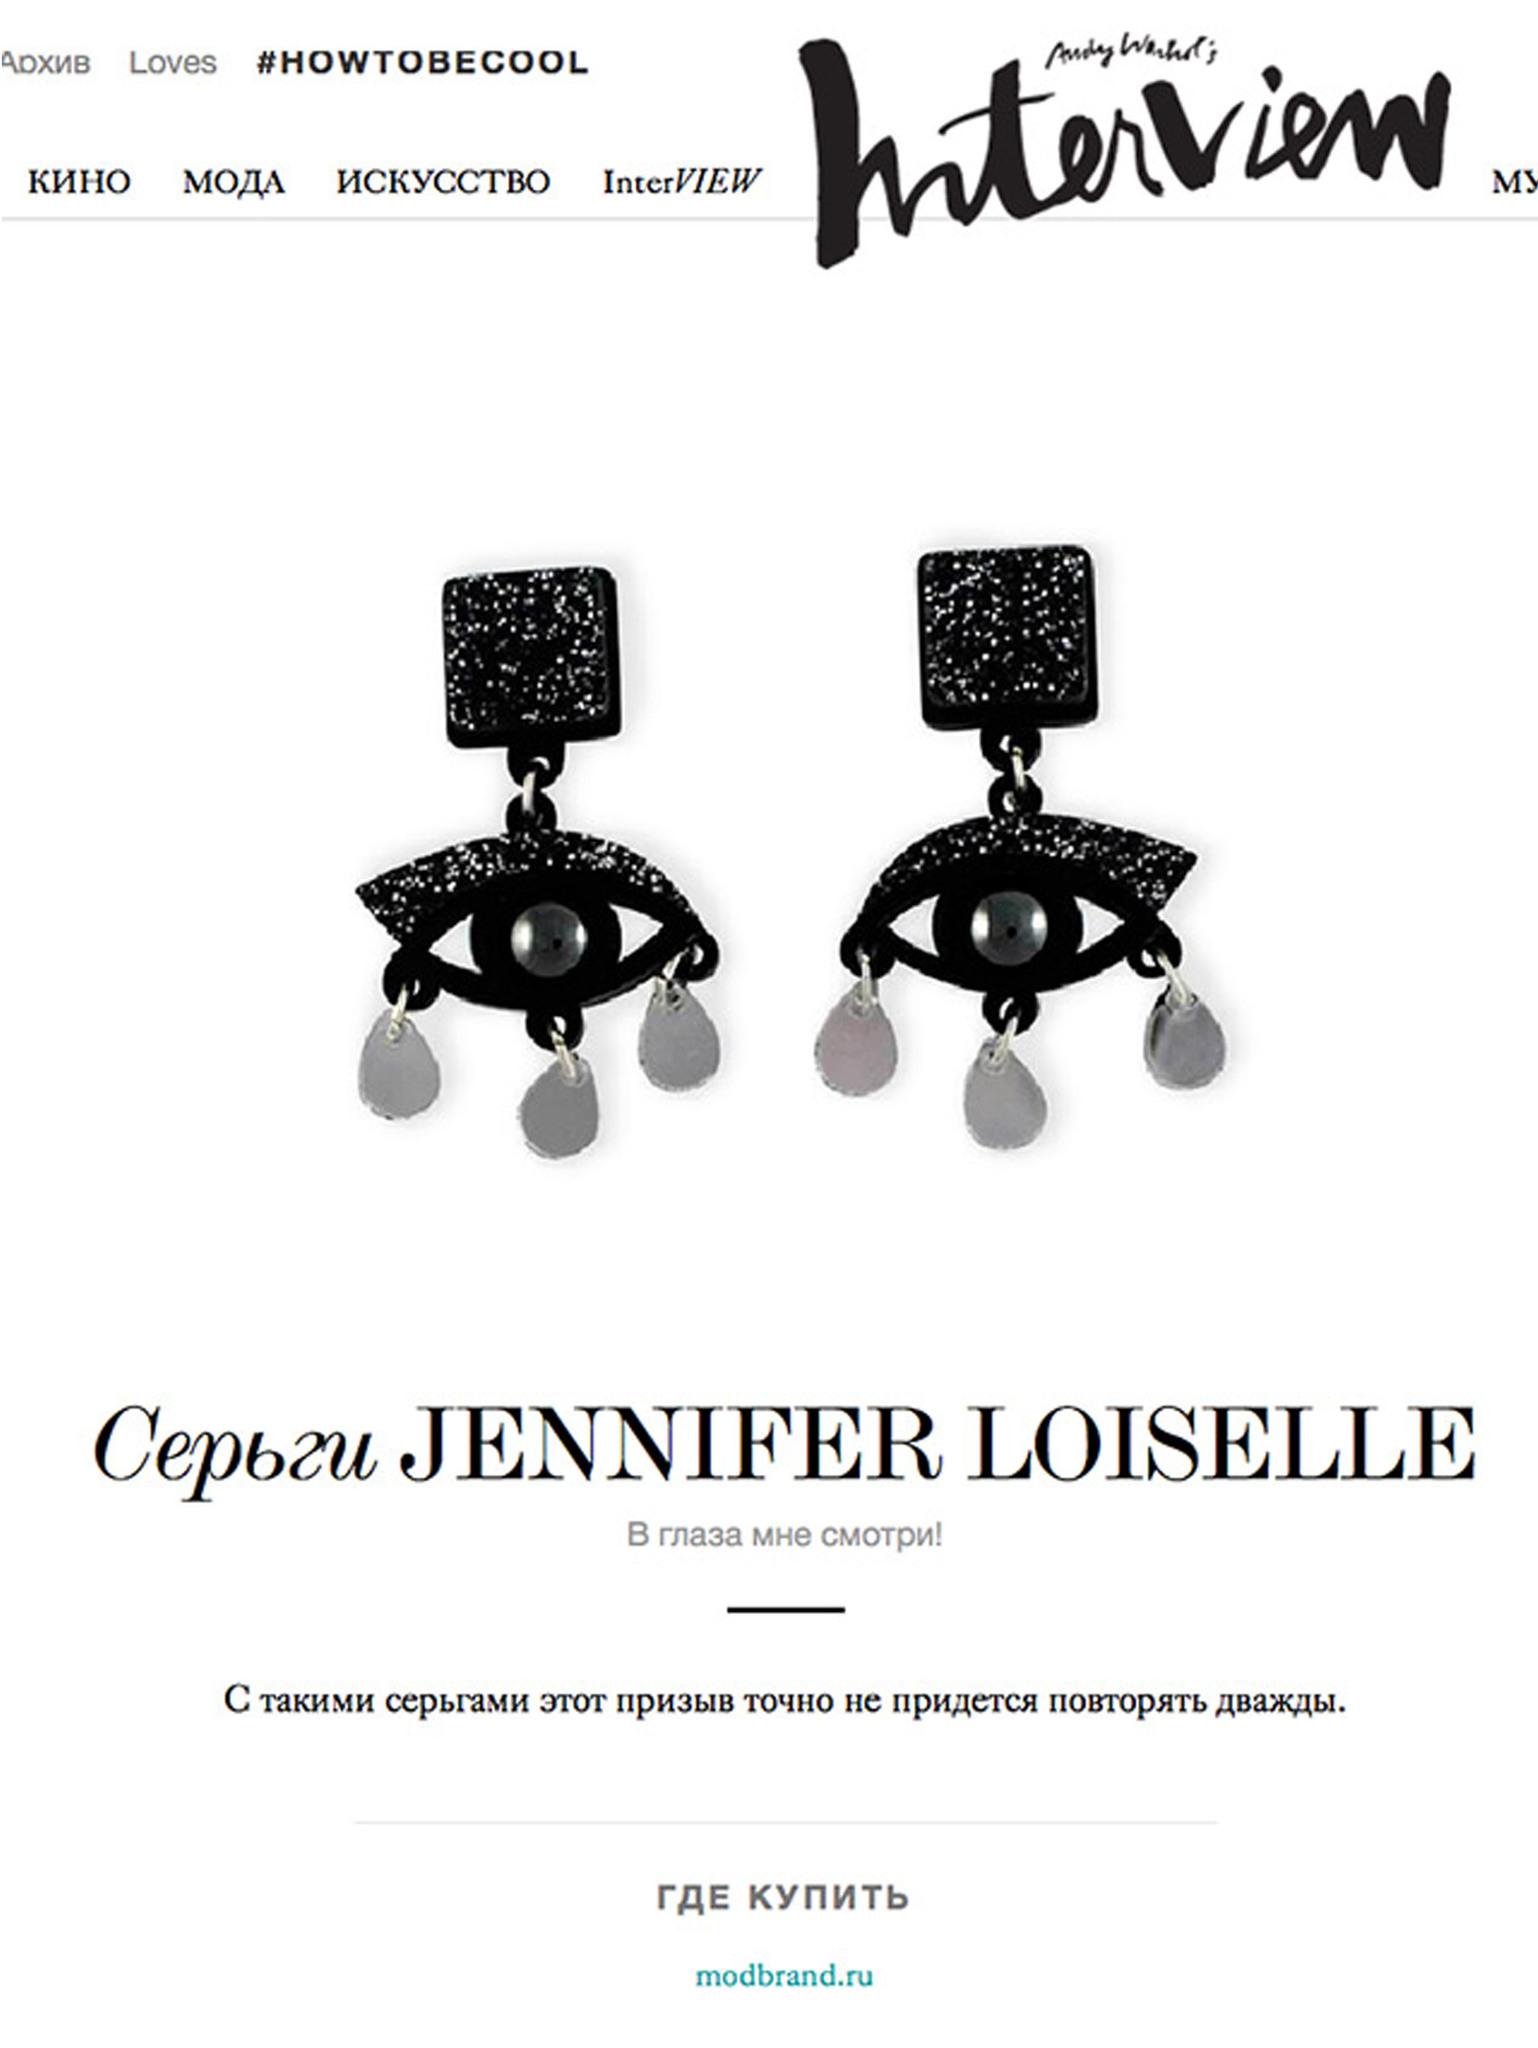 Серьги от Jennifer Loiselle на сайте журнала Interview Russia